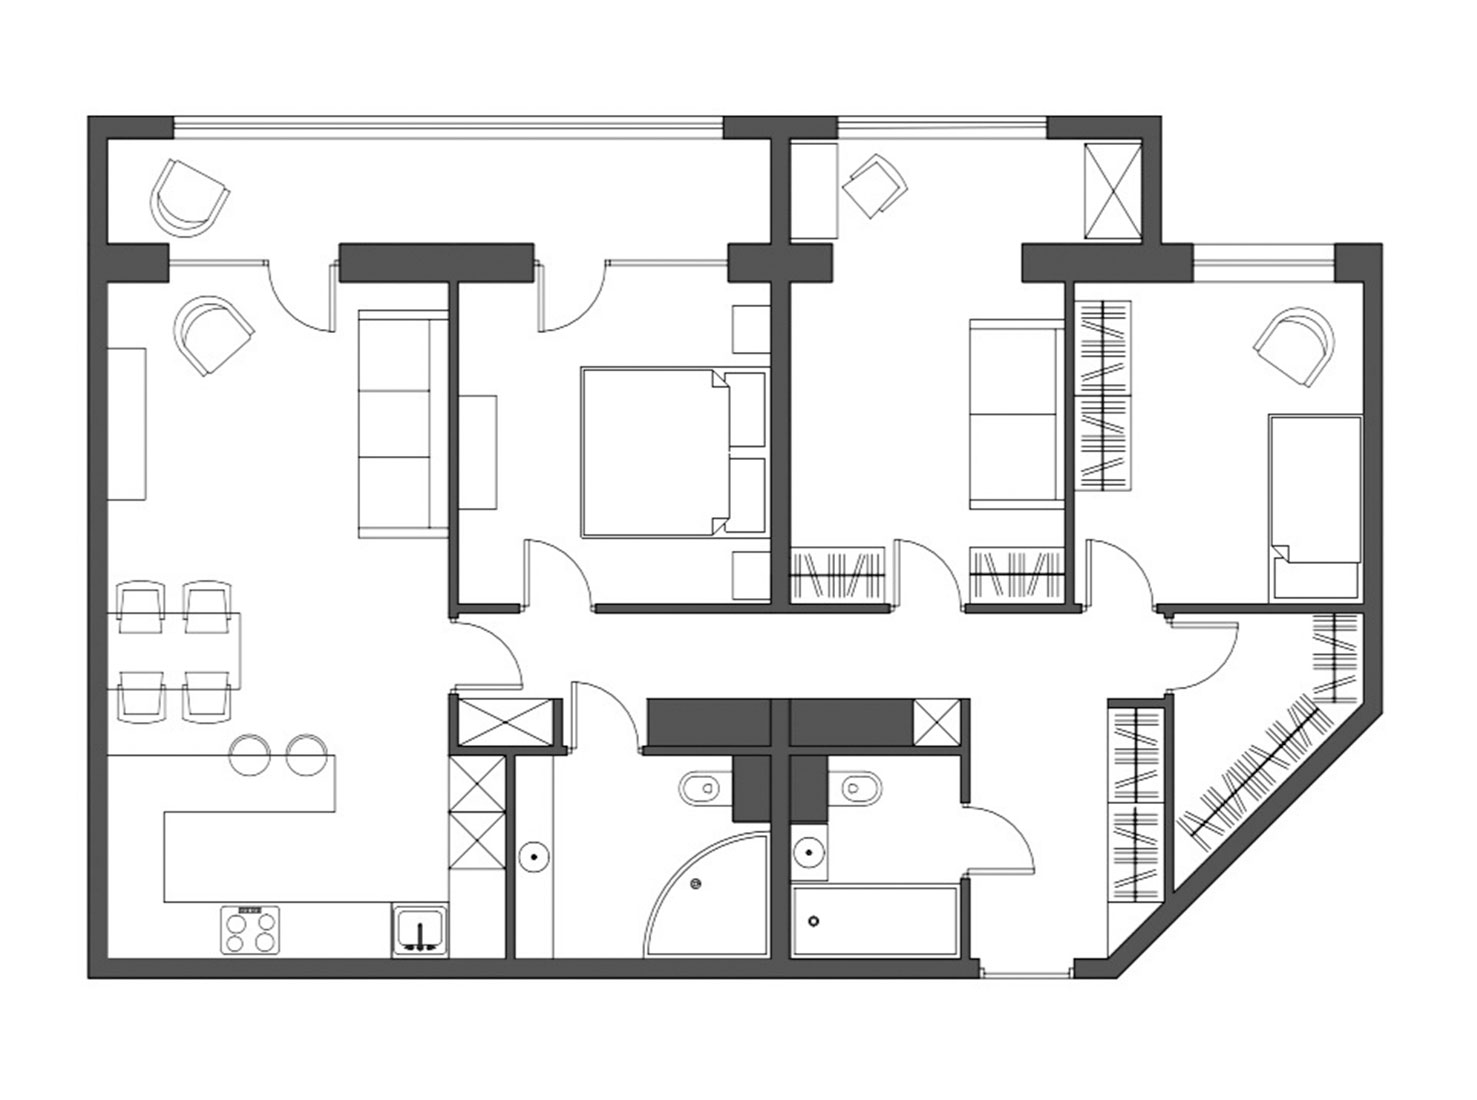 объединение квартир планировка фото